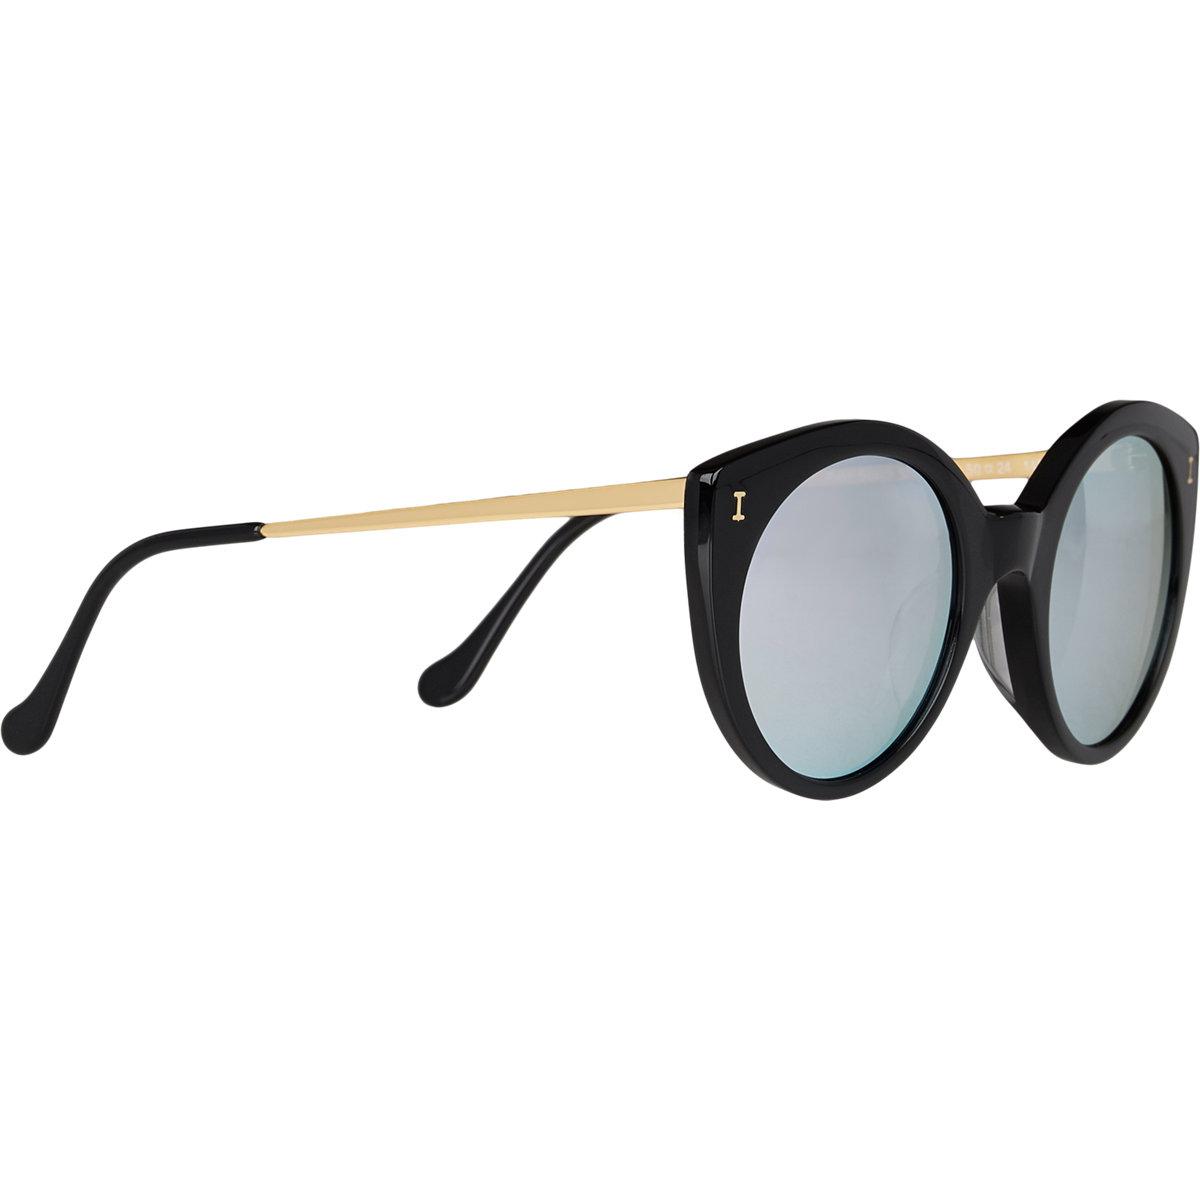 Illesteva women 39 s palm beach mirrored sunglasses in gold for Mirror sunglasses